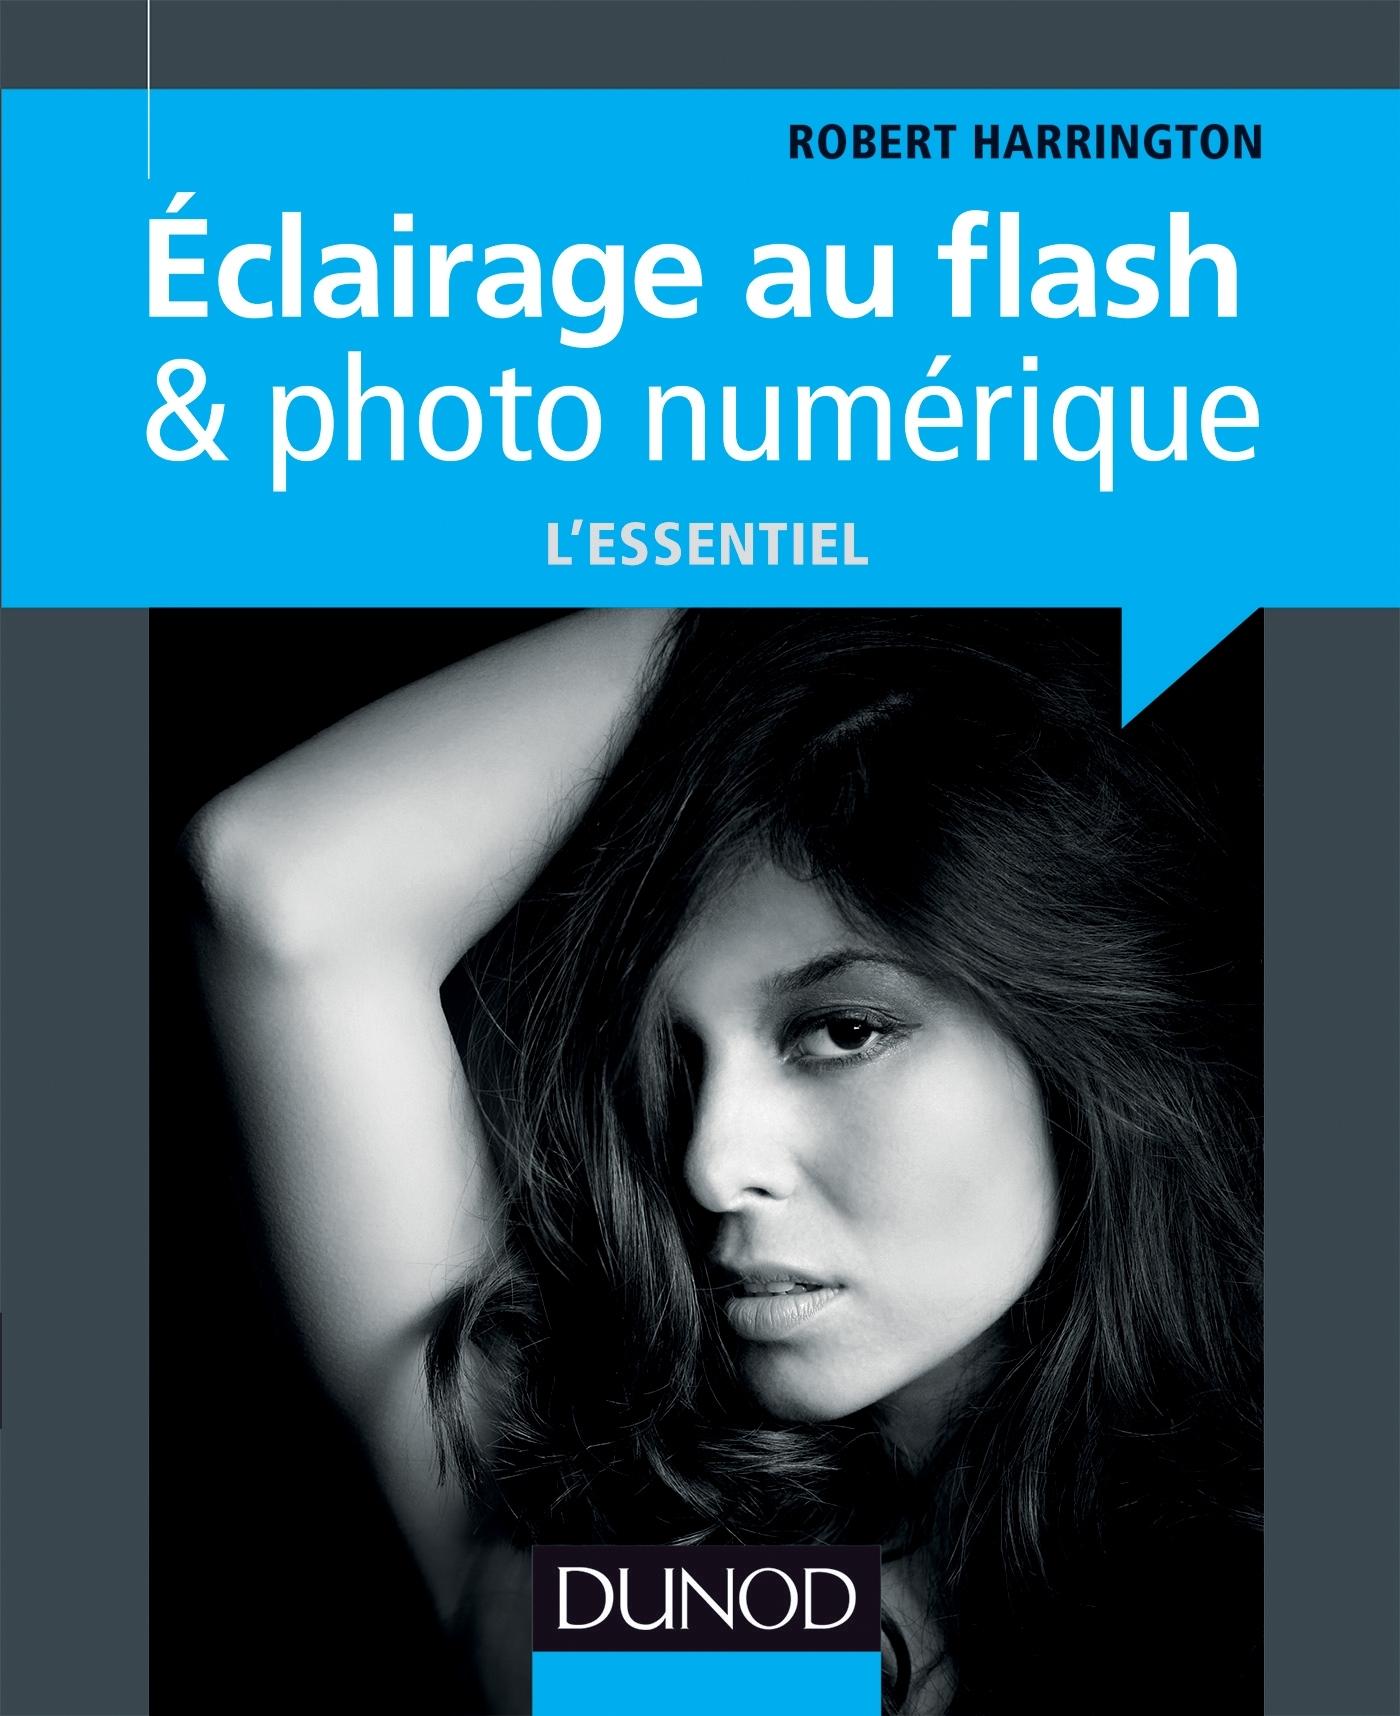 ECLAIRAGE AU FLASH & PHOTO NUMERIQUE : L'ESSENTIEL